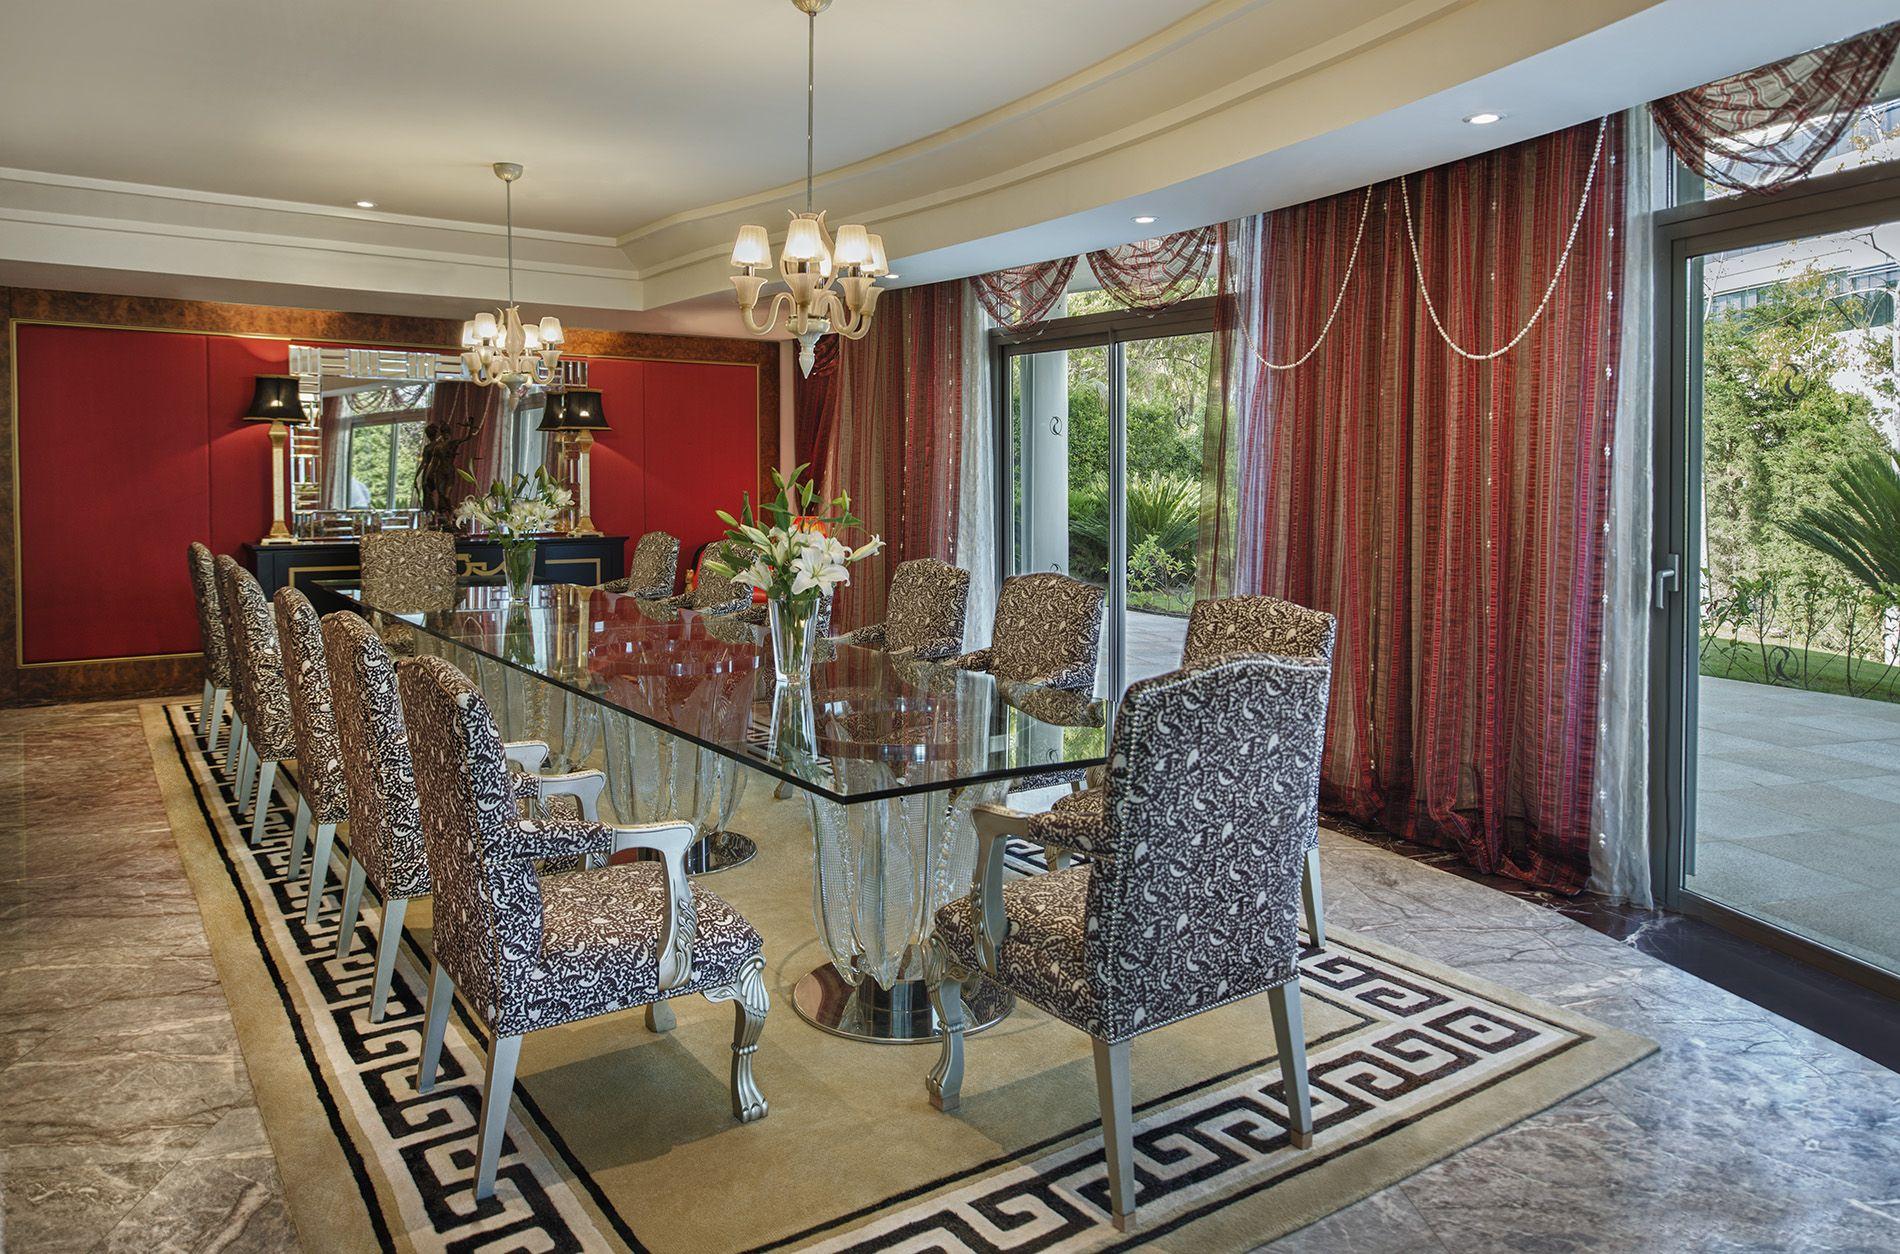 Villa Leo Dining room